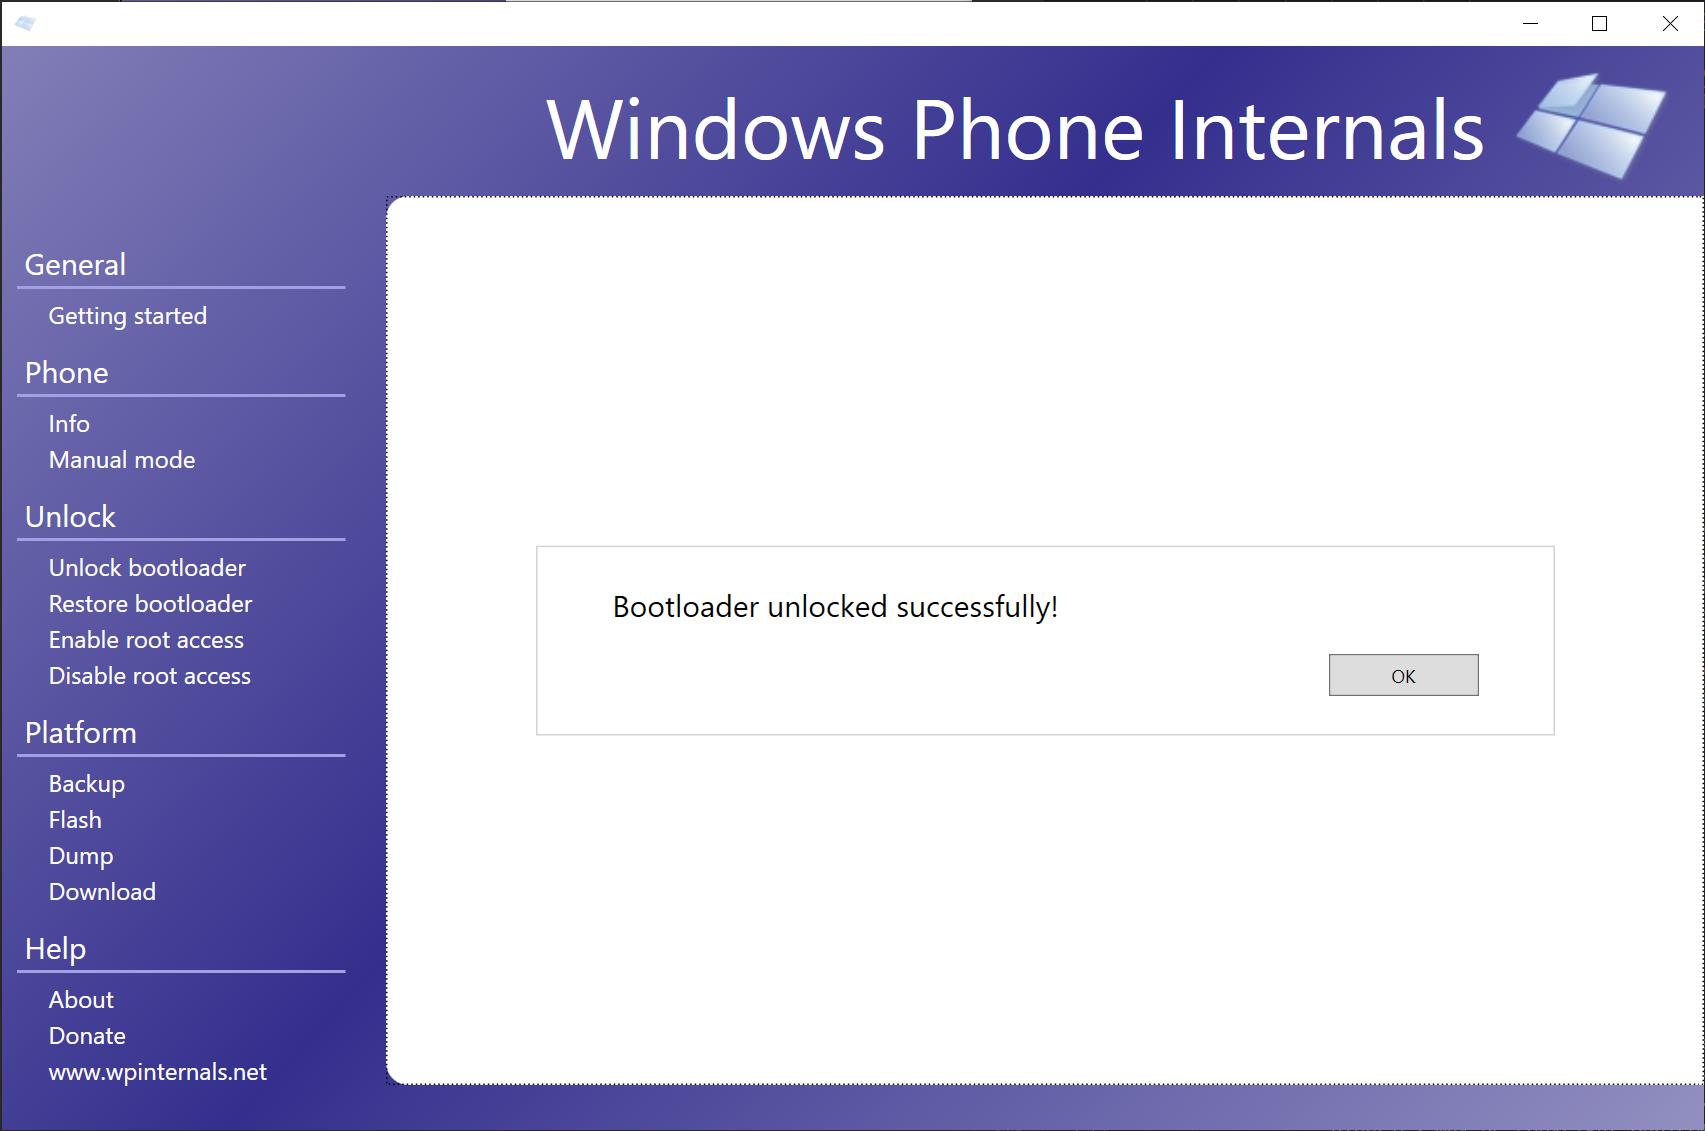 WPInternals completed the unlock procedure